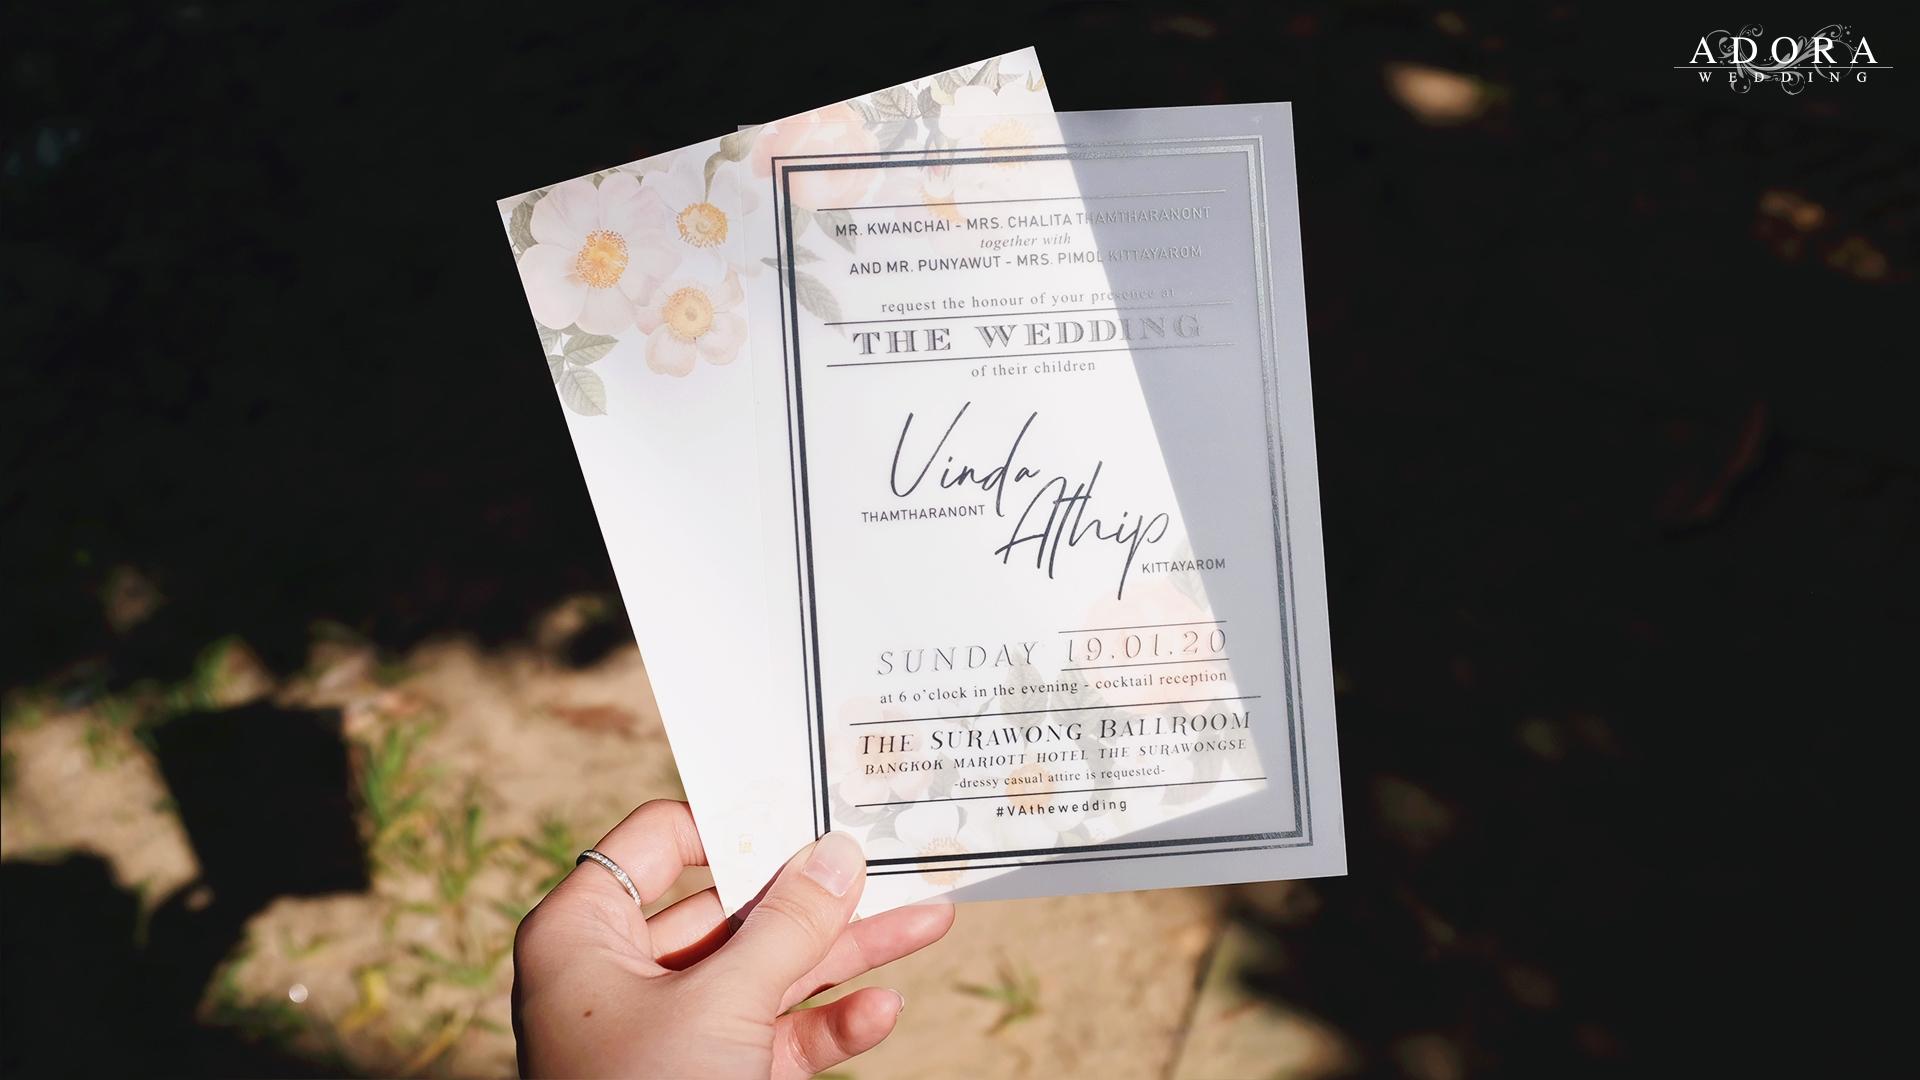 B124LY-wedding-card-6